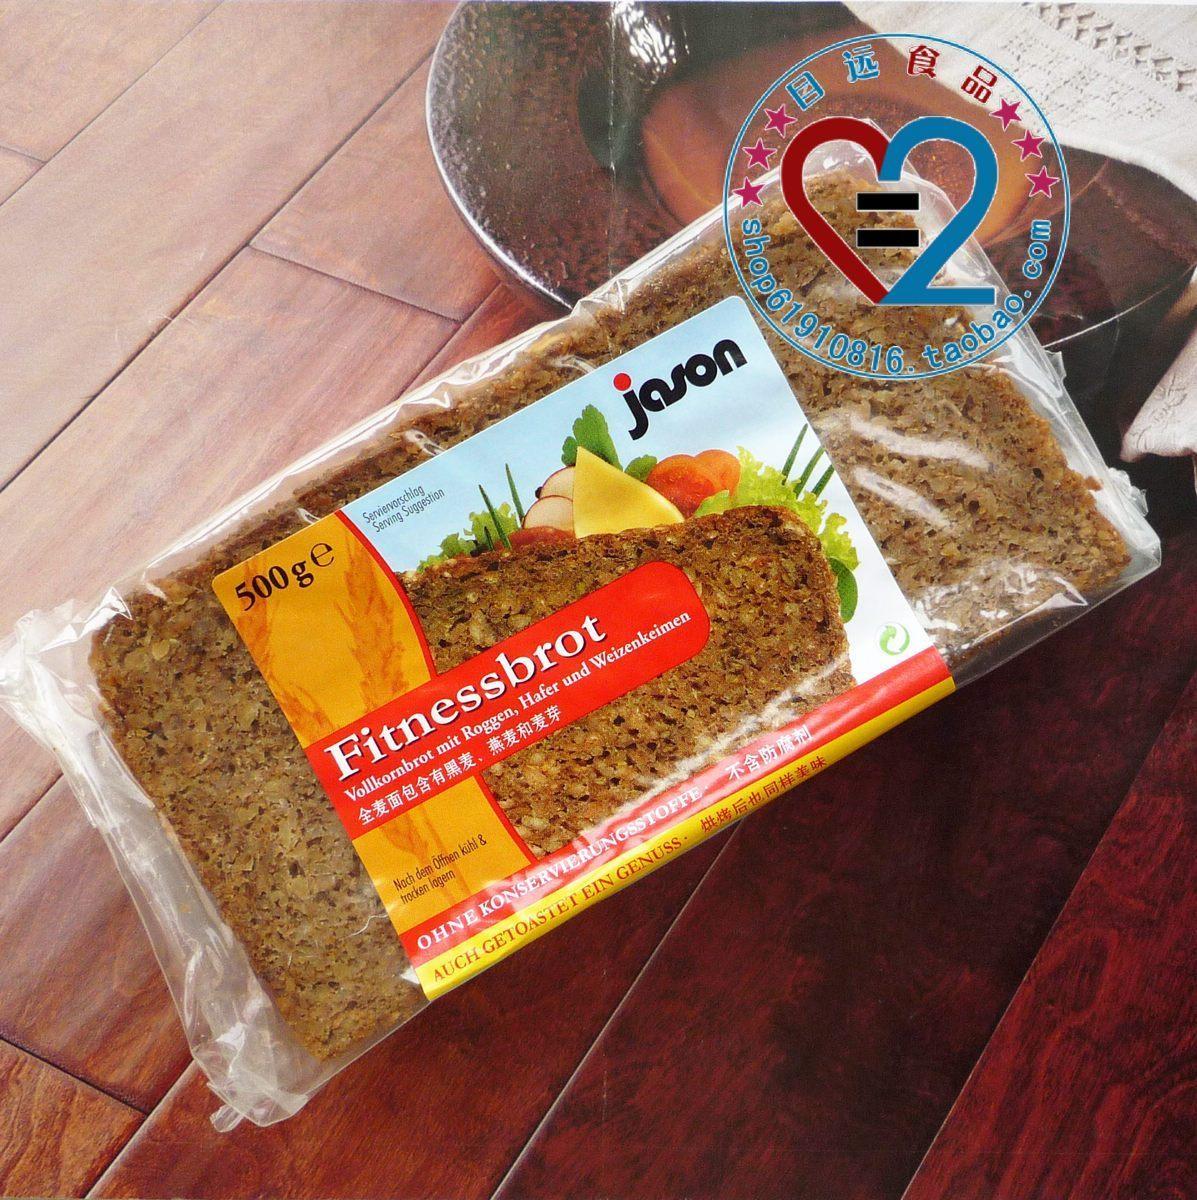 德博全麦黑面包_德国进口无糖食品捷森燕麦面包500g 粗纤维全麦黑面包 代餐饱腹